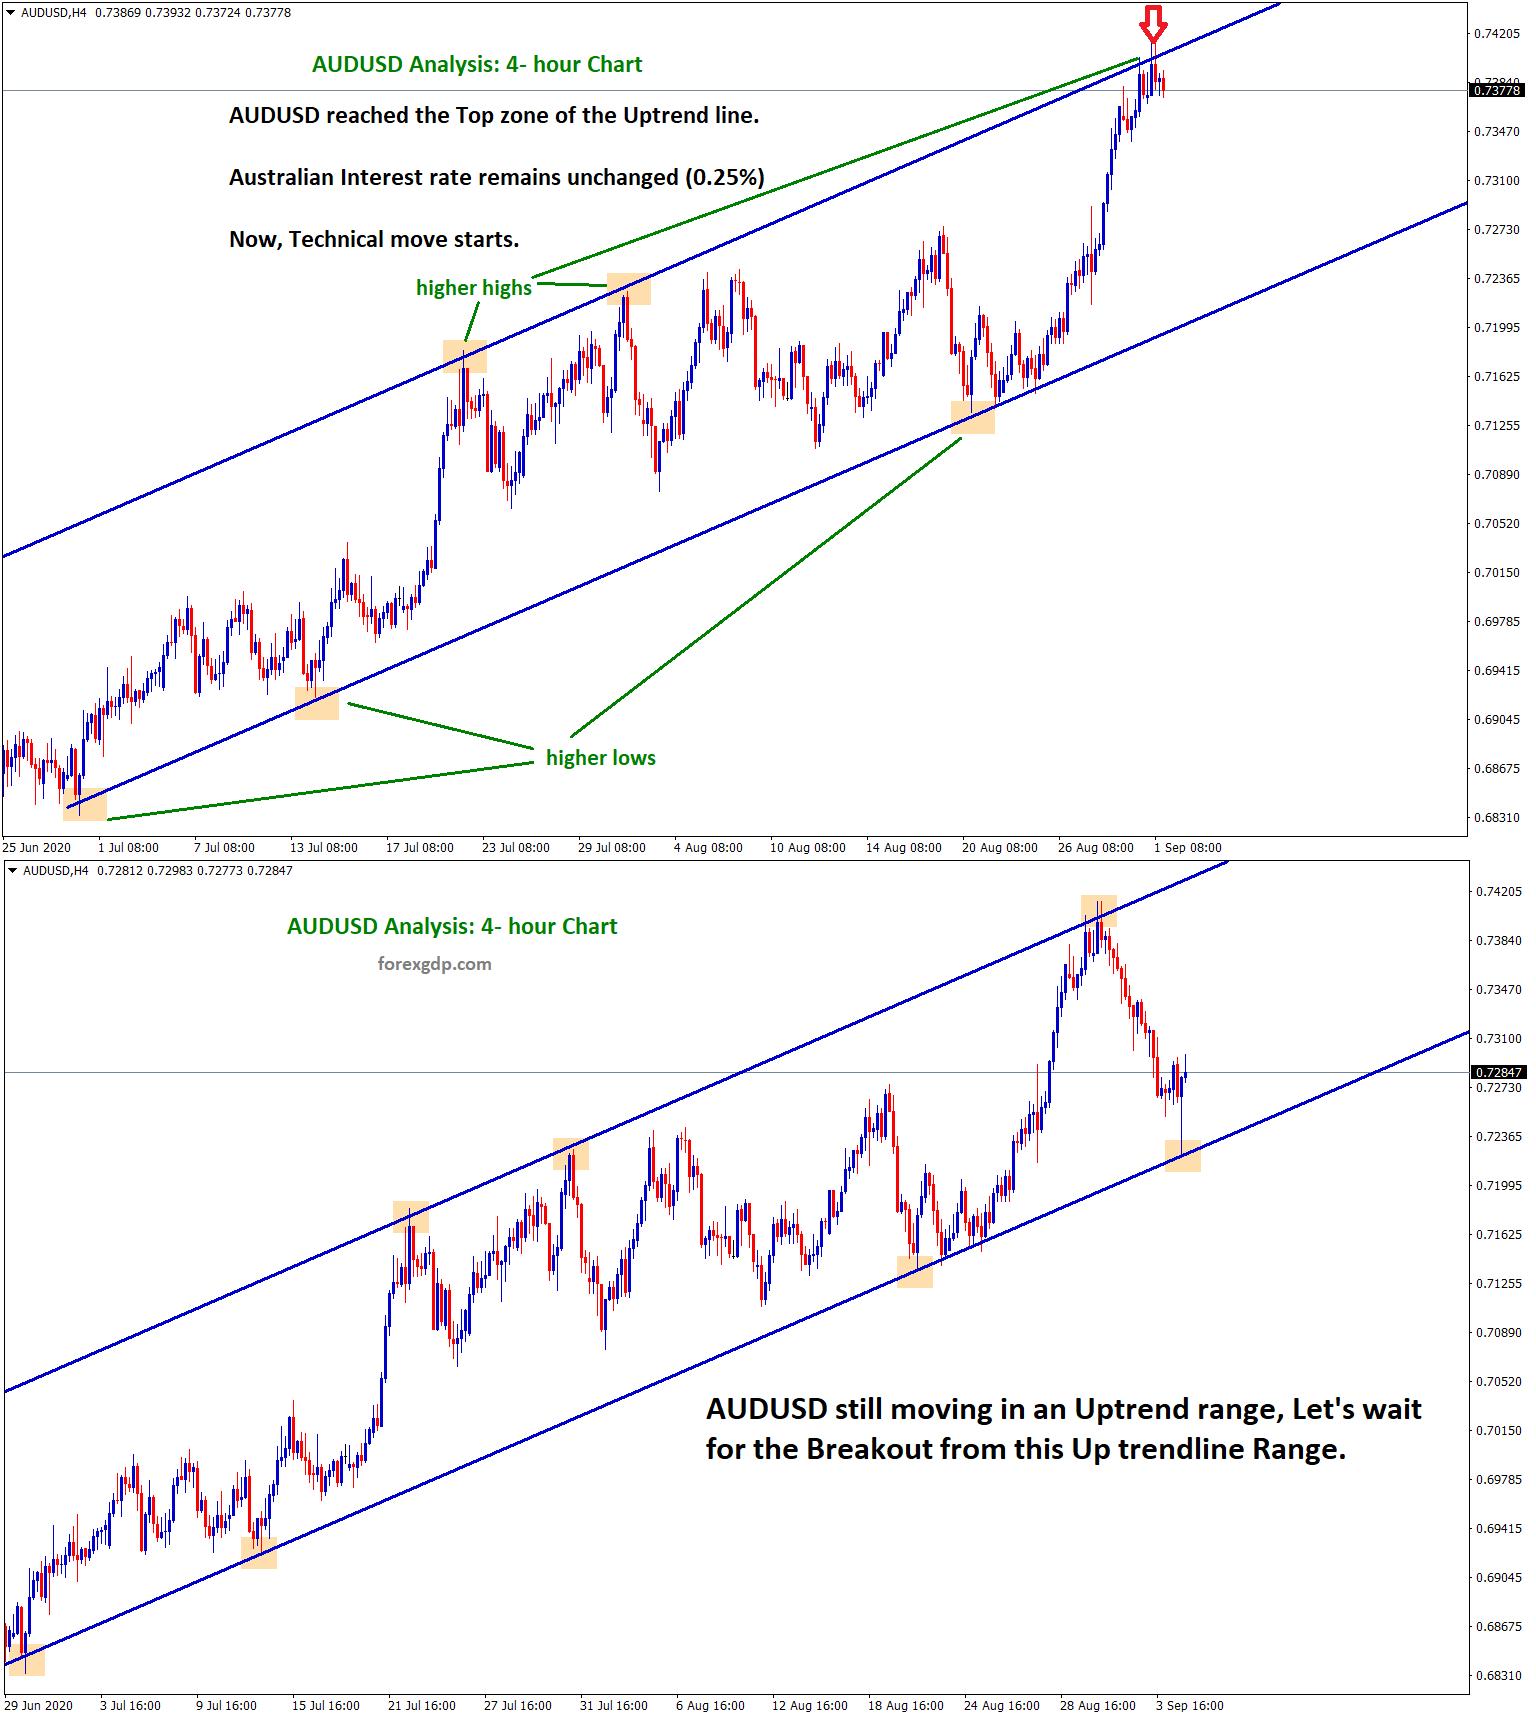 AUDUSD Still moving in an Uptrend range